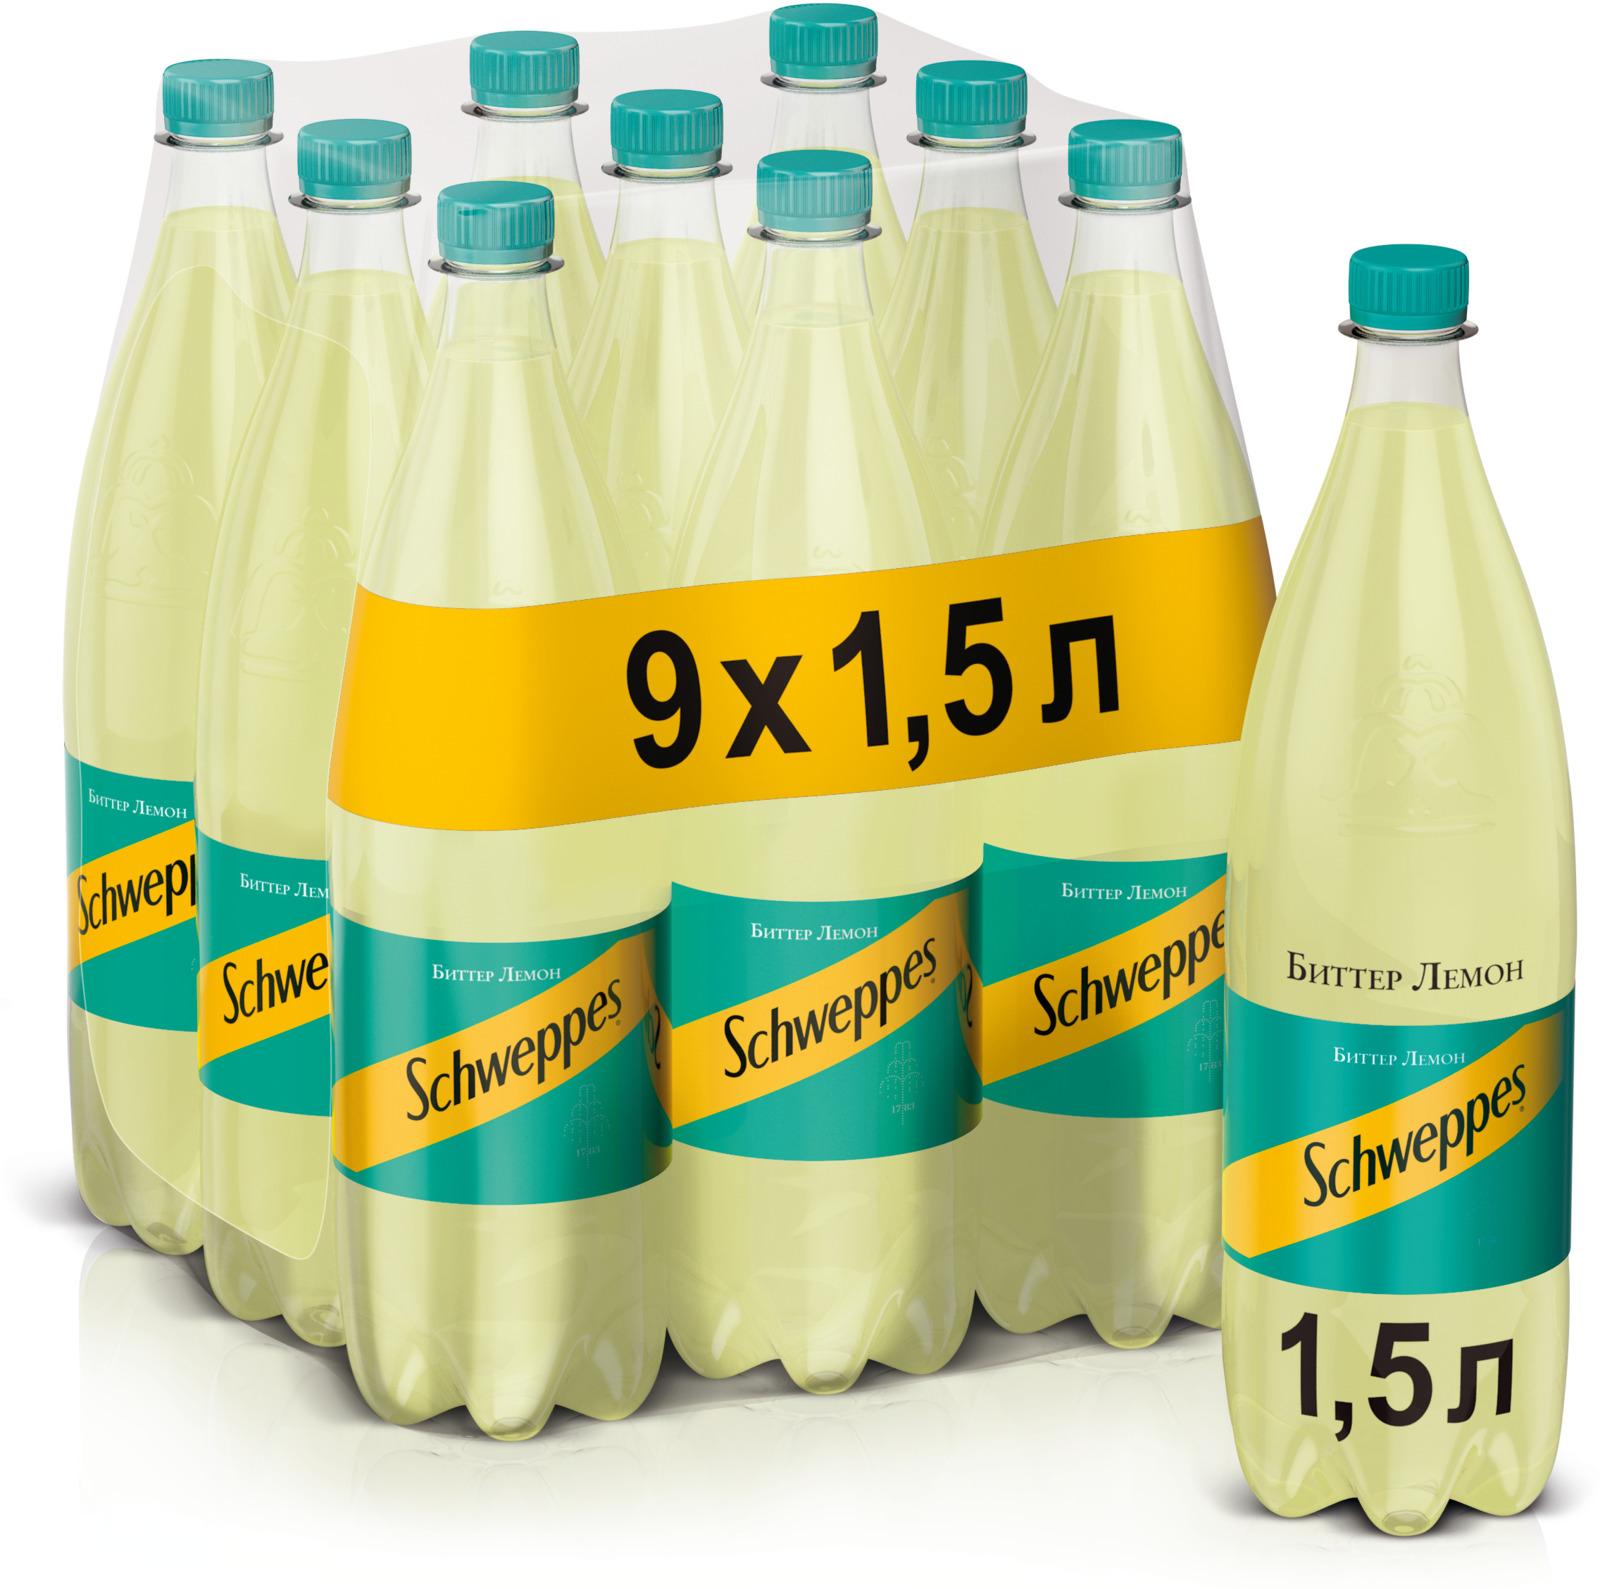 Schweppes Биттер Лемон напиток сильногазированный, 9 штук по 1.5 л